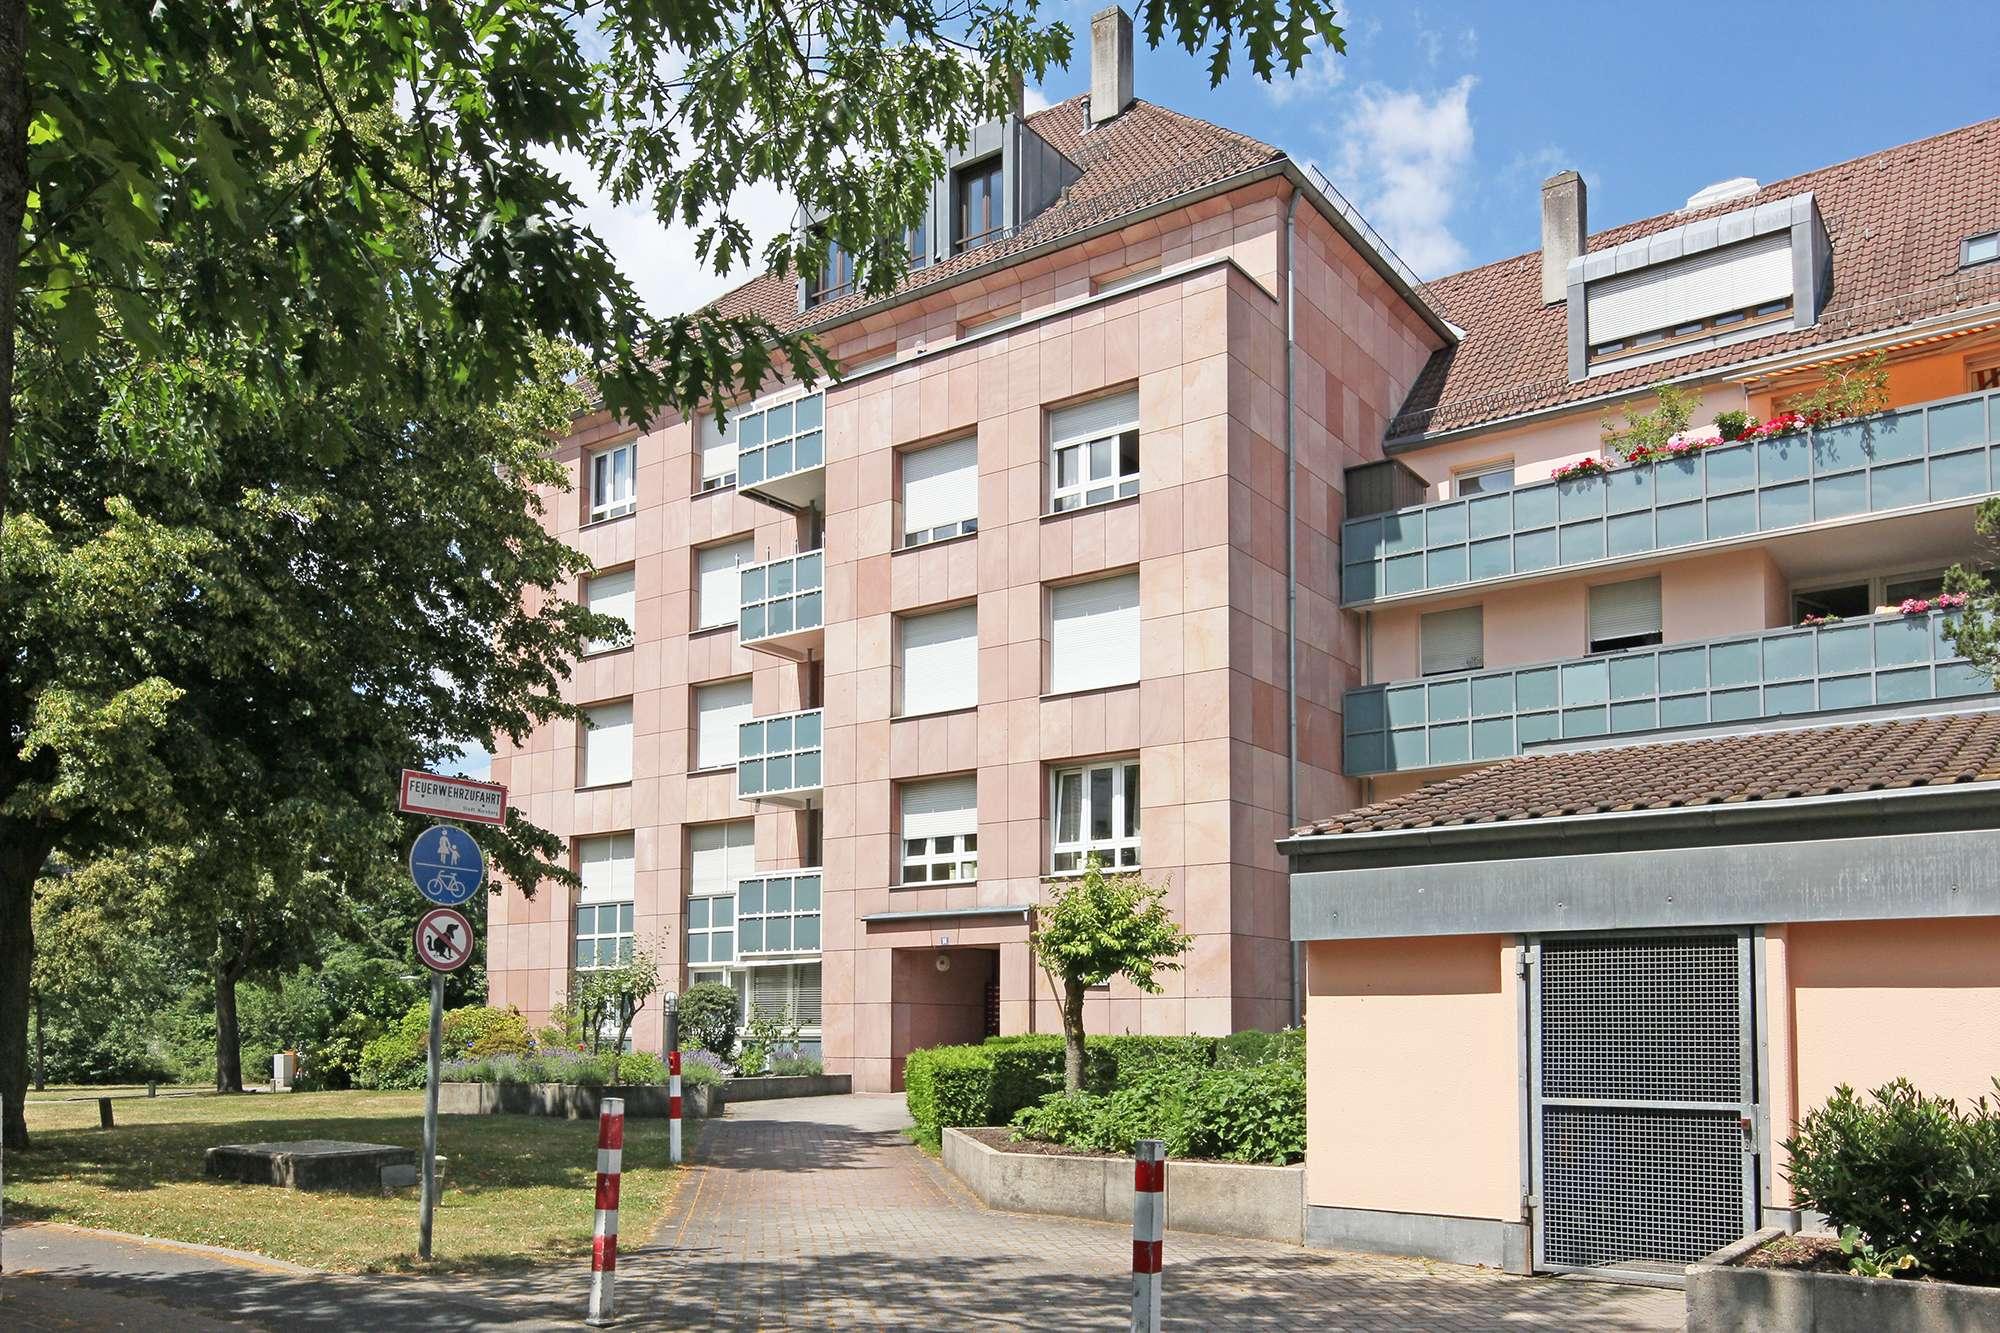 Modernisierte 2-Zimmer-Wohnung mit Balkon & neuer Küche, Blick ins Grüne!